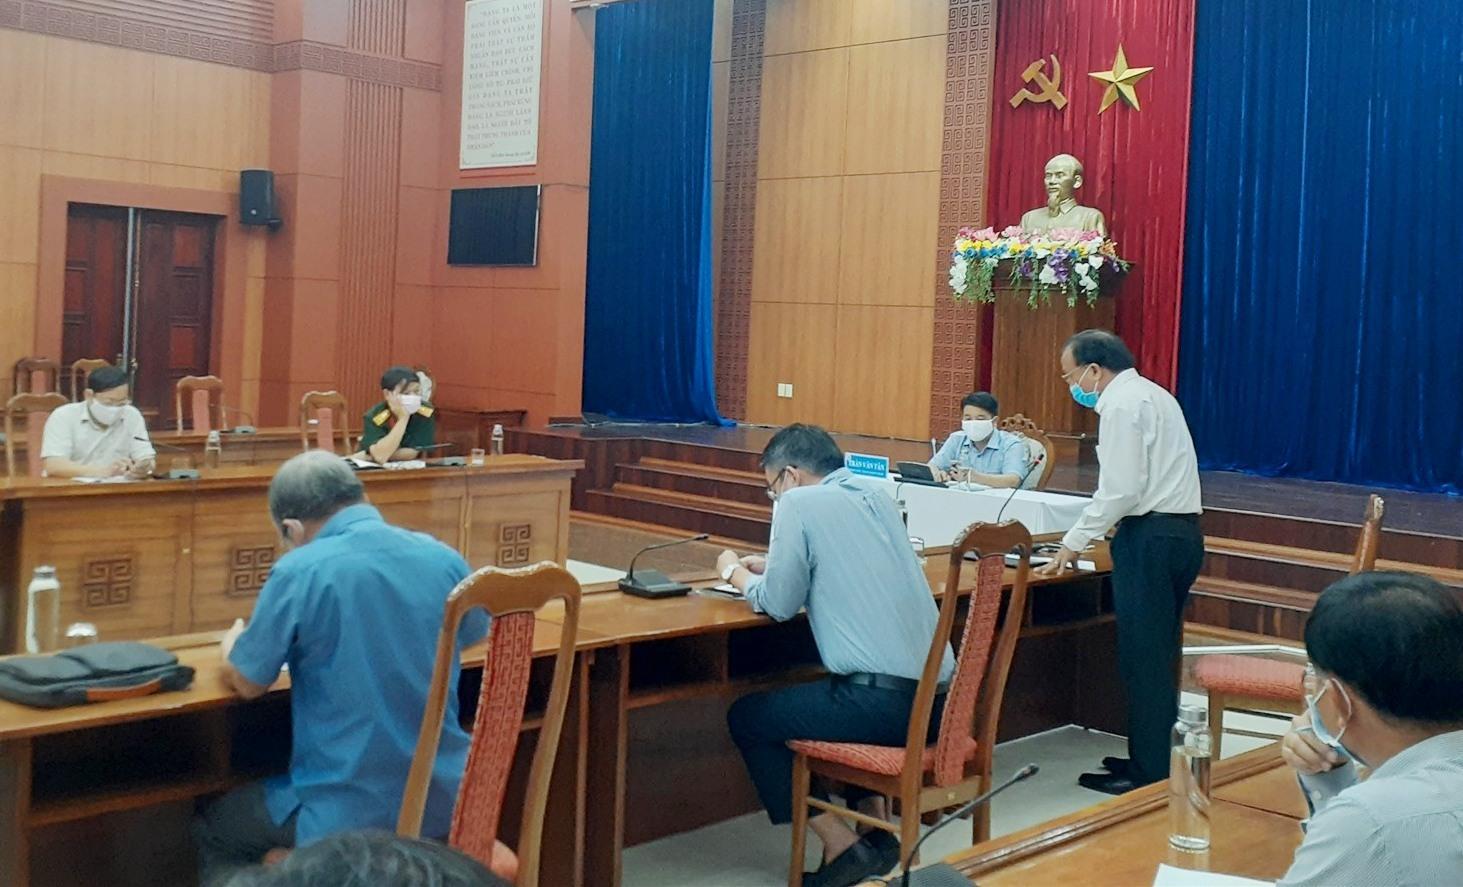 Phó Chủ tịch UBND tỉnh Trần Văn Tân chủ trì buổi làm việc với Tiểu ban điều trị - Ban chỉ đạo phòng chống dịch Covid -19 tỉnh